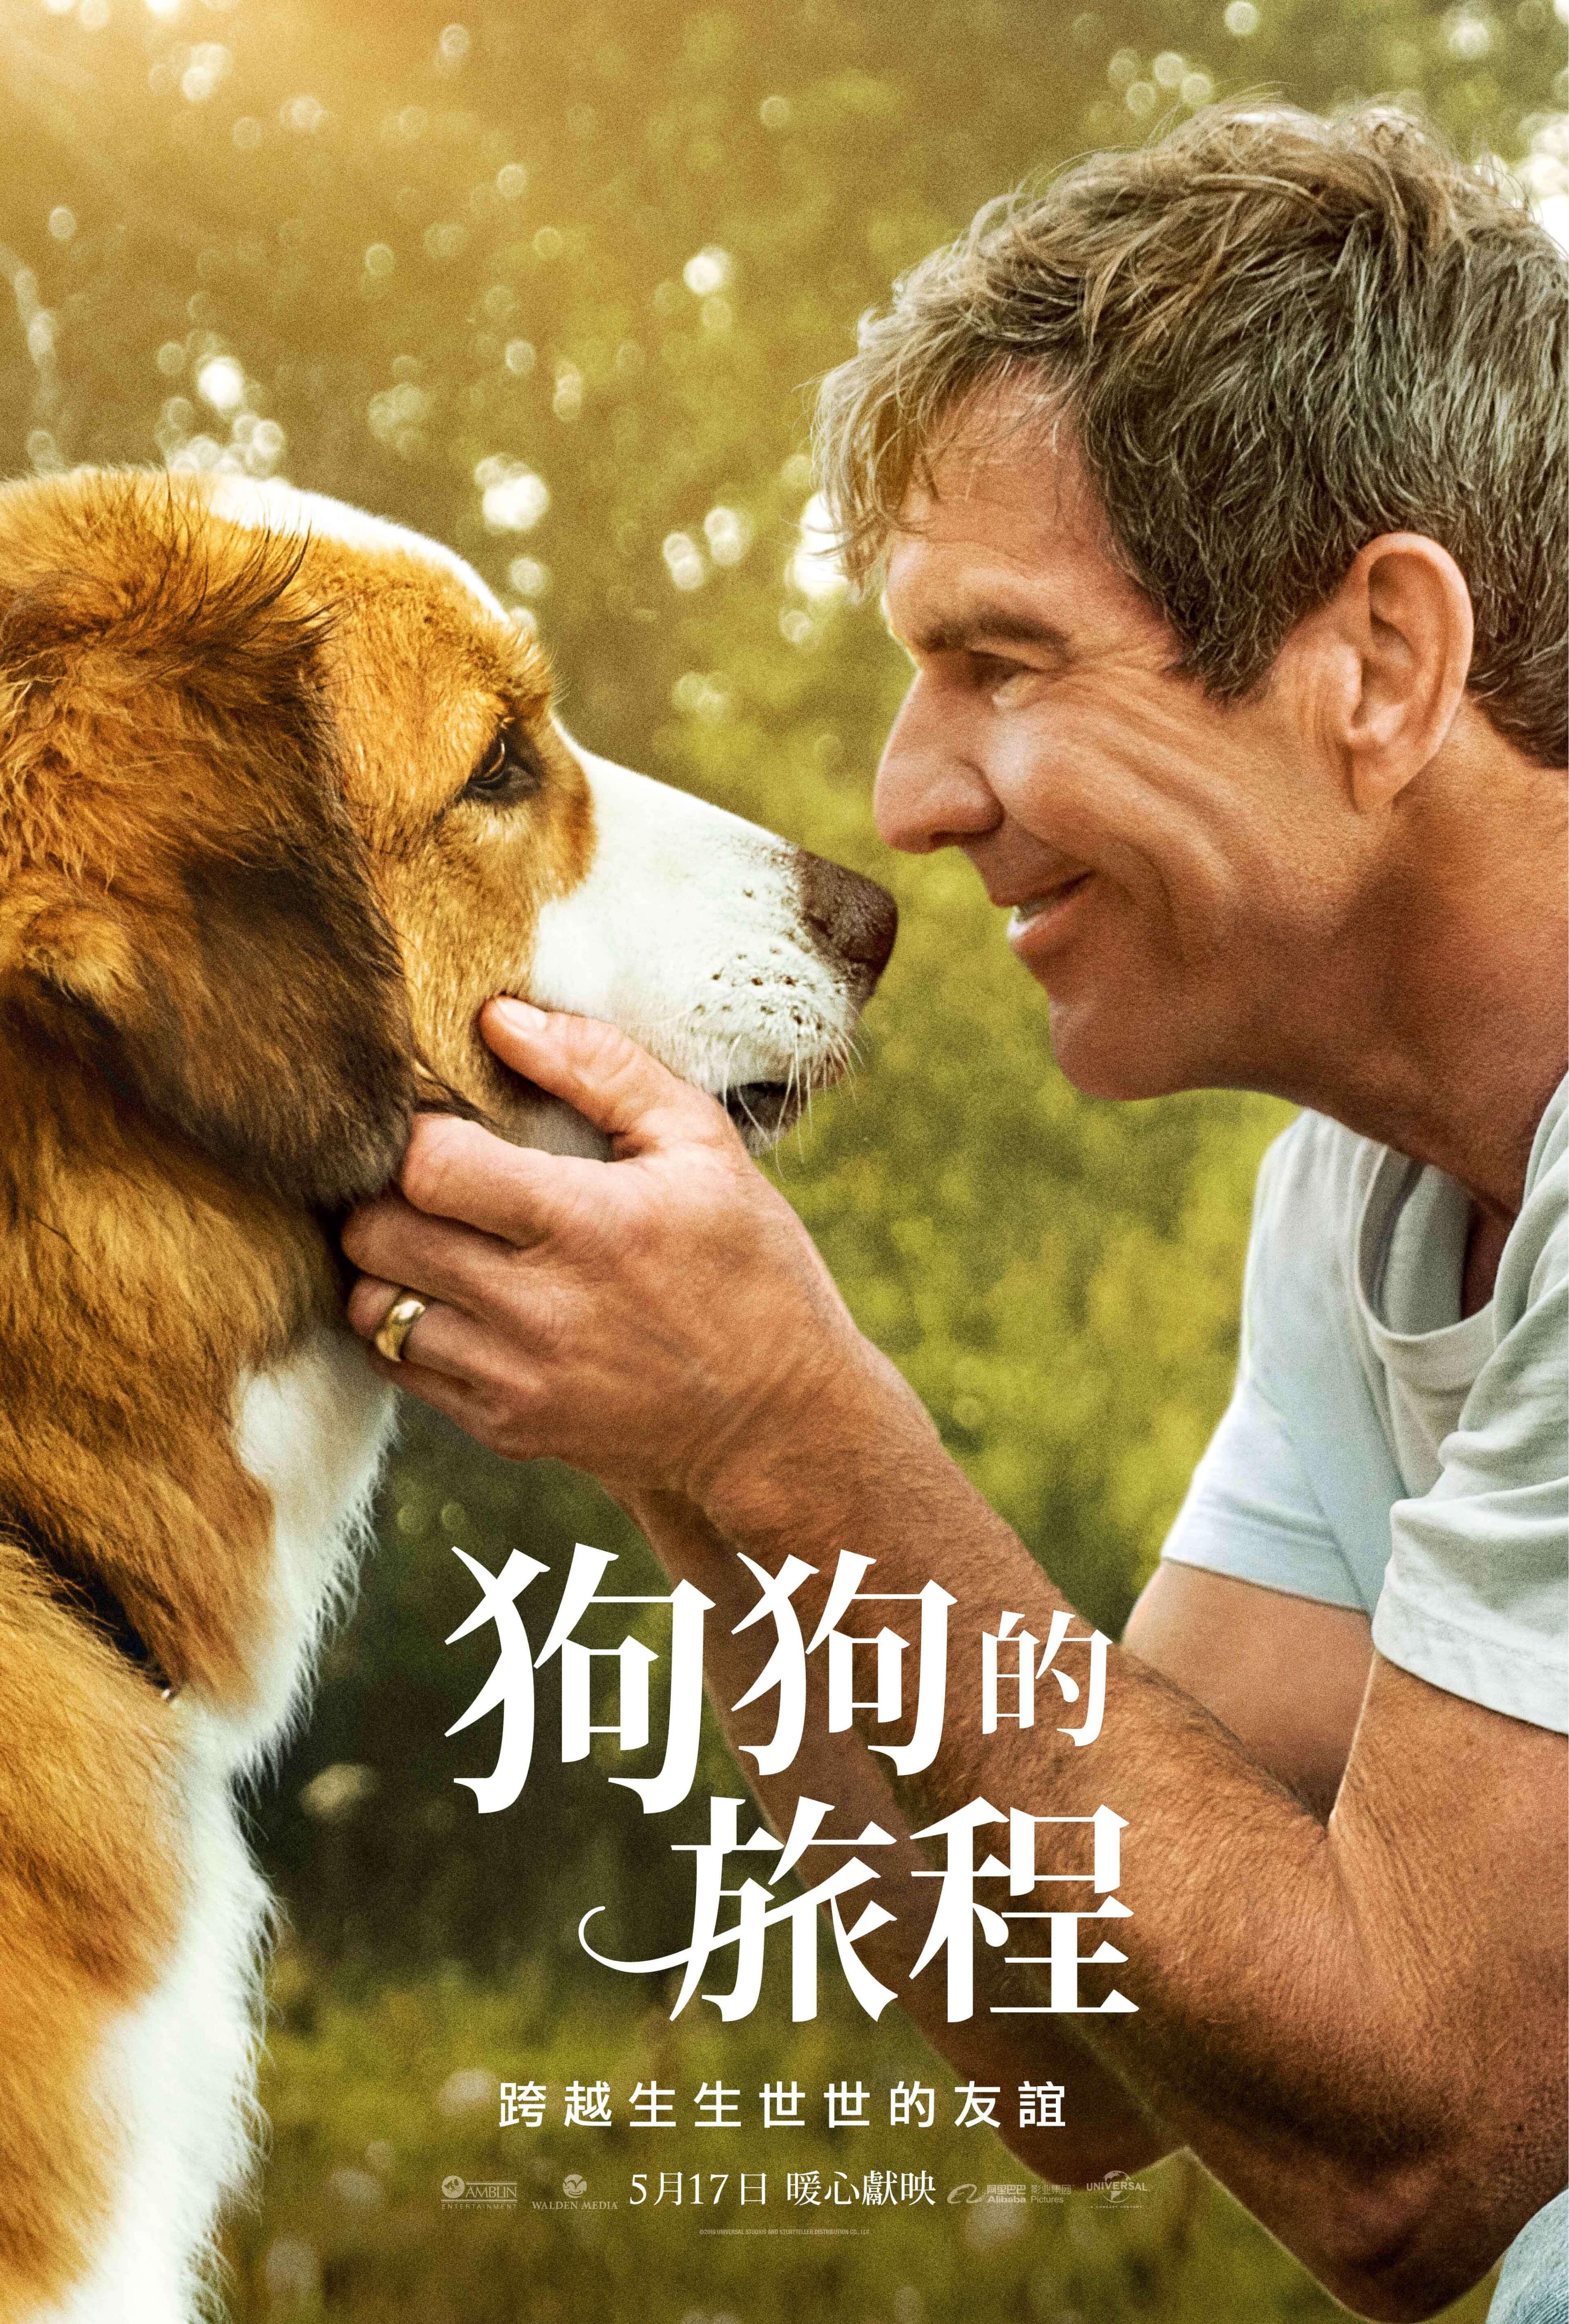 「狗狗的旅程」電影首映會 會員專屬贈票活動 - 勤美 誠品綠園道